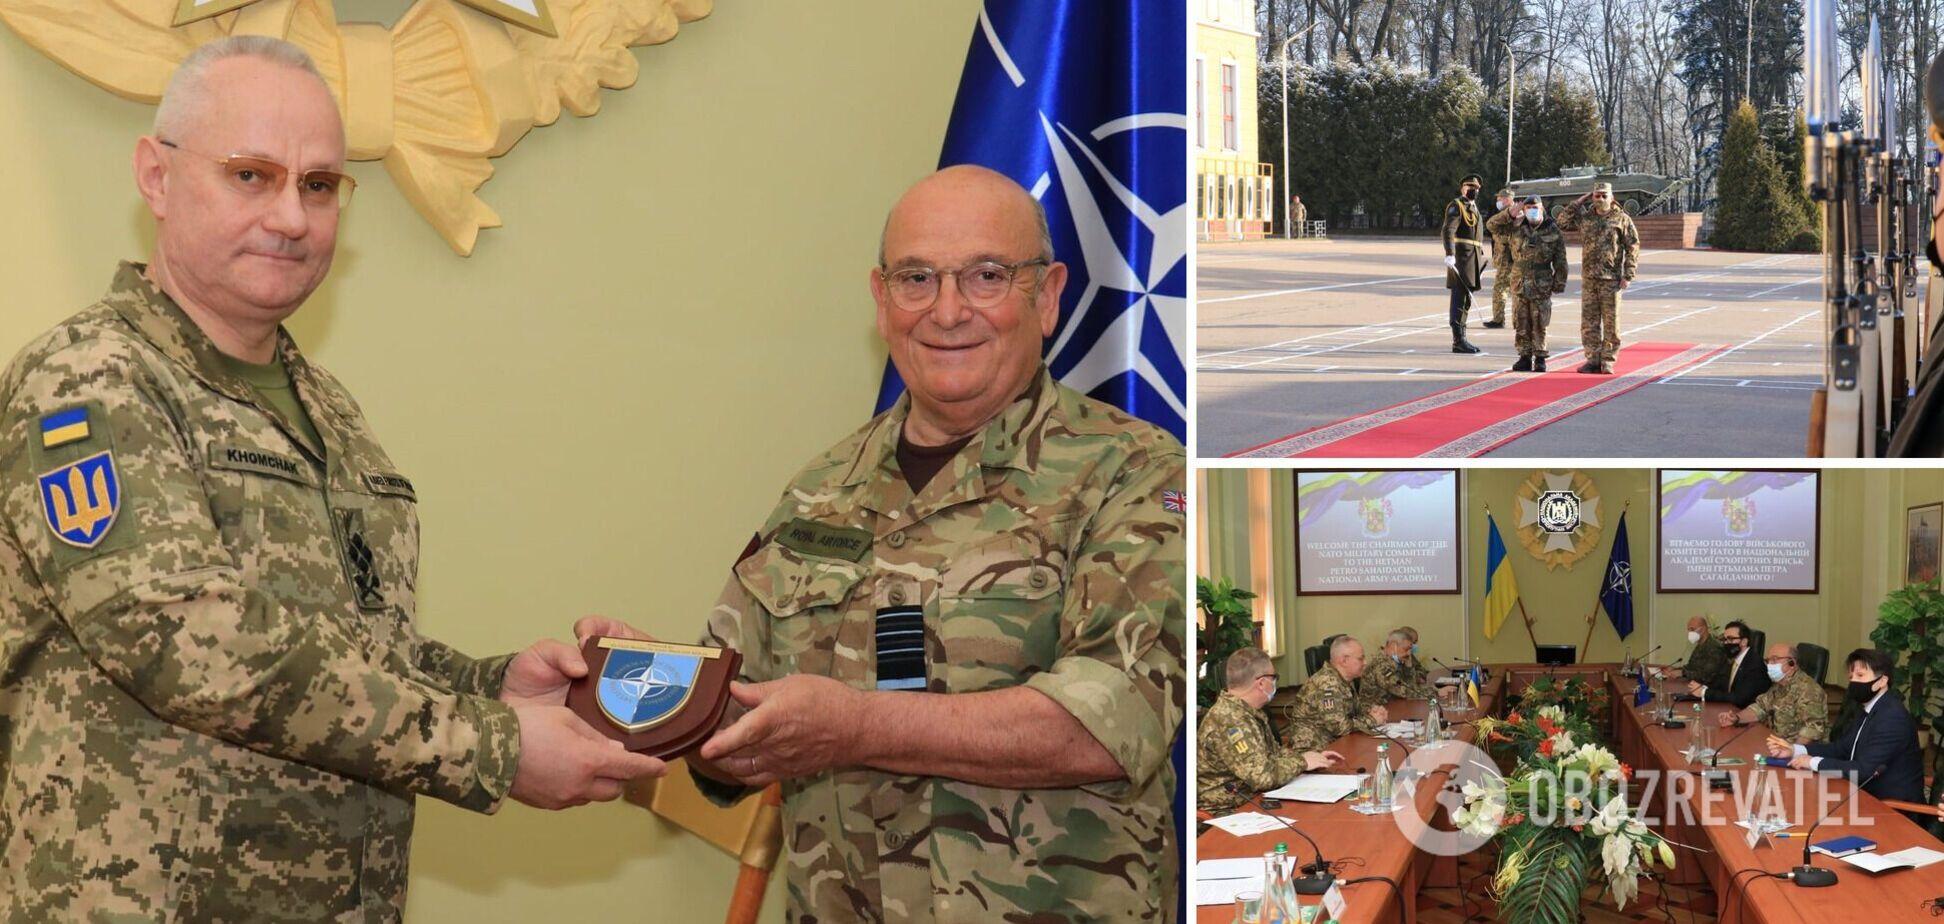 Хомчак встретился с главой военного комитета НАТО